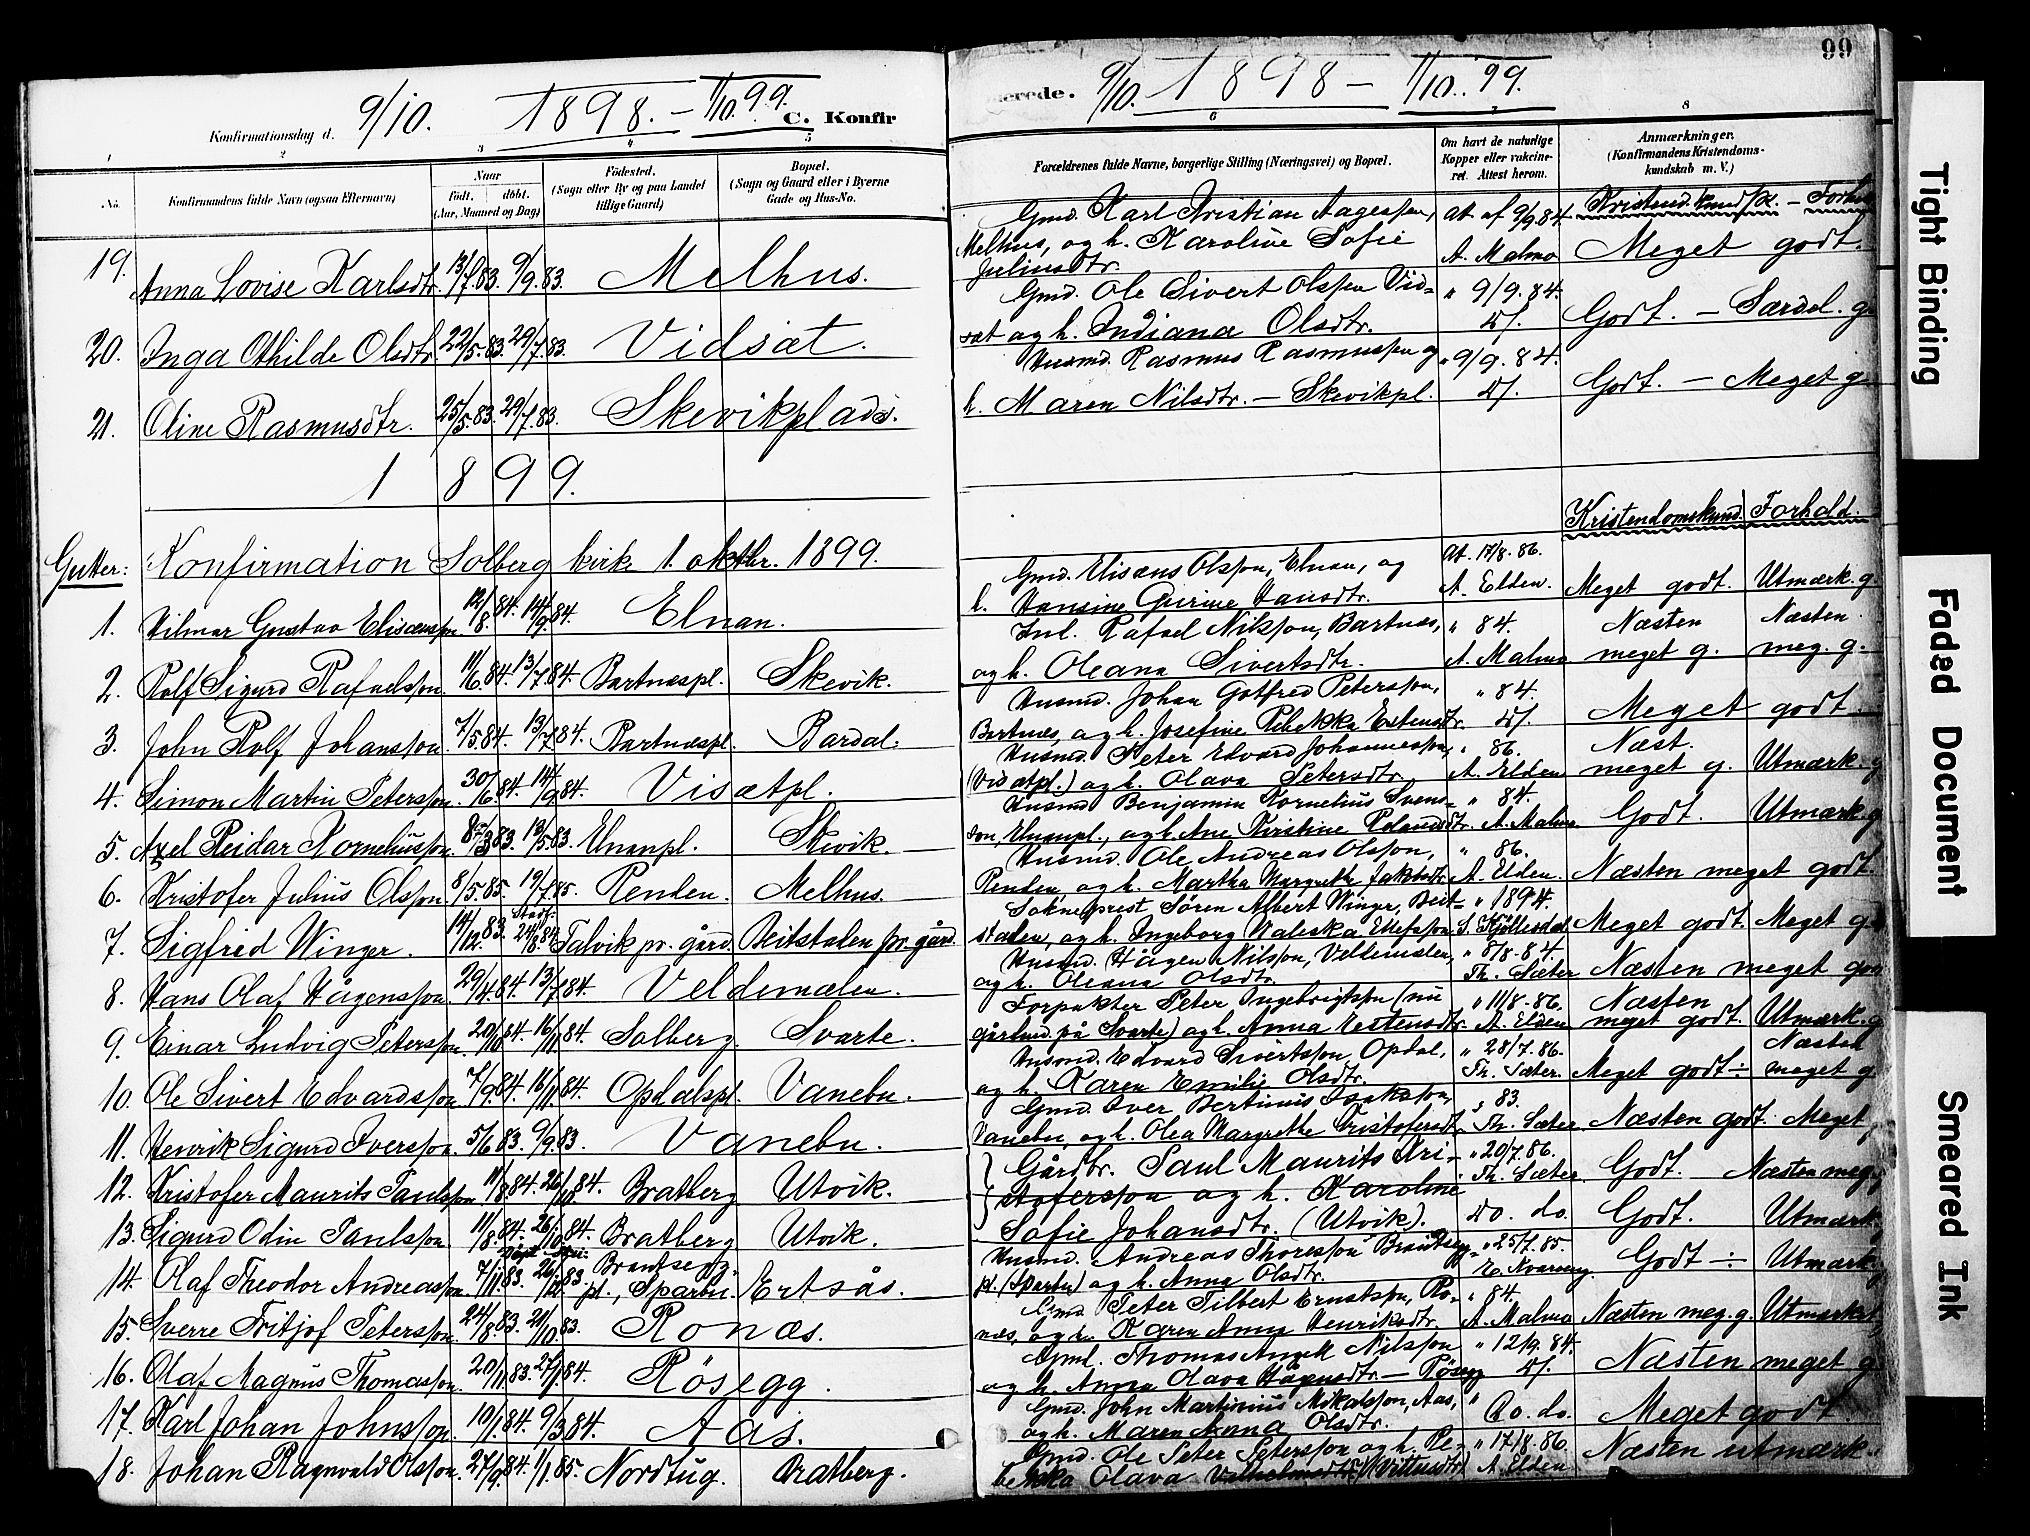 SAT, Ministerialprotokoller, klokkerbøker og fødselsregistre - Nord-Trøndelag, 741/L0396: Ministerialbok nr. 741A10, 1889-1901, s. 99